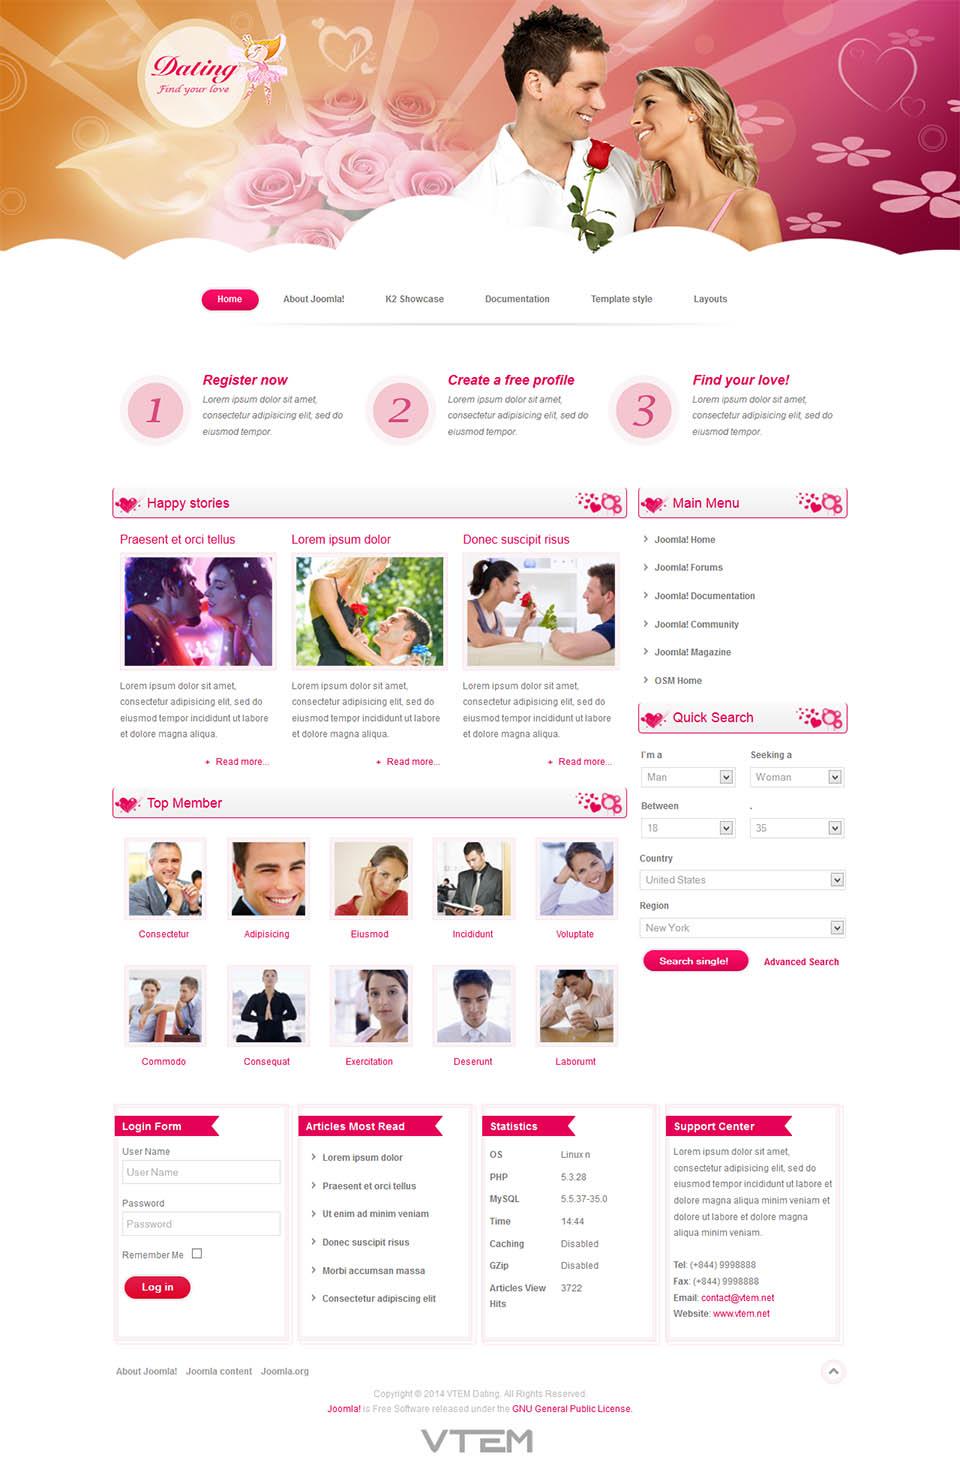 Free joomla dating template http www doubleyourdating com ebook